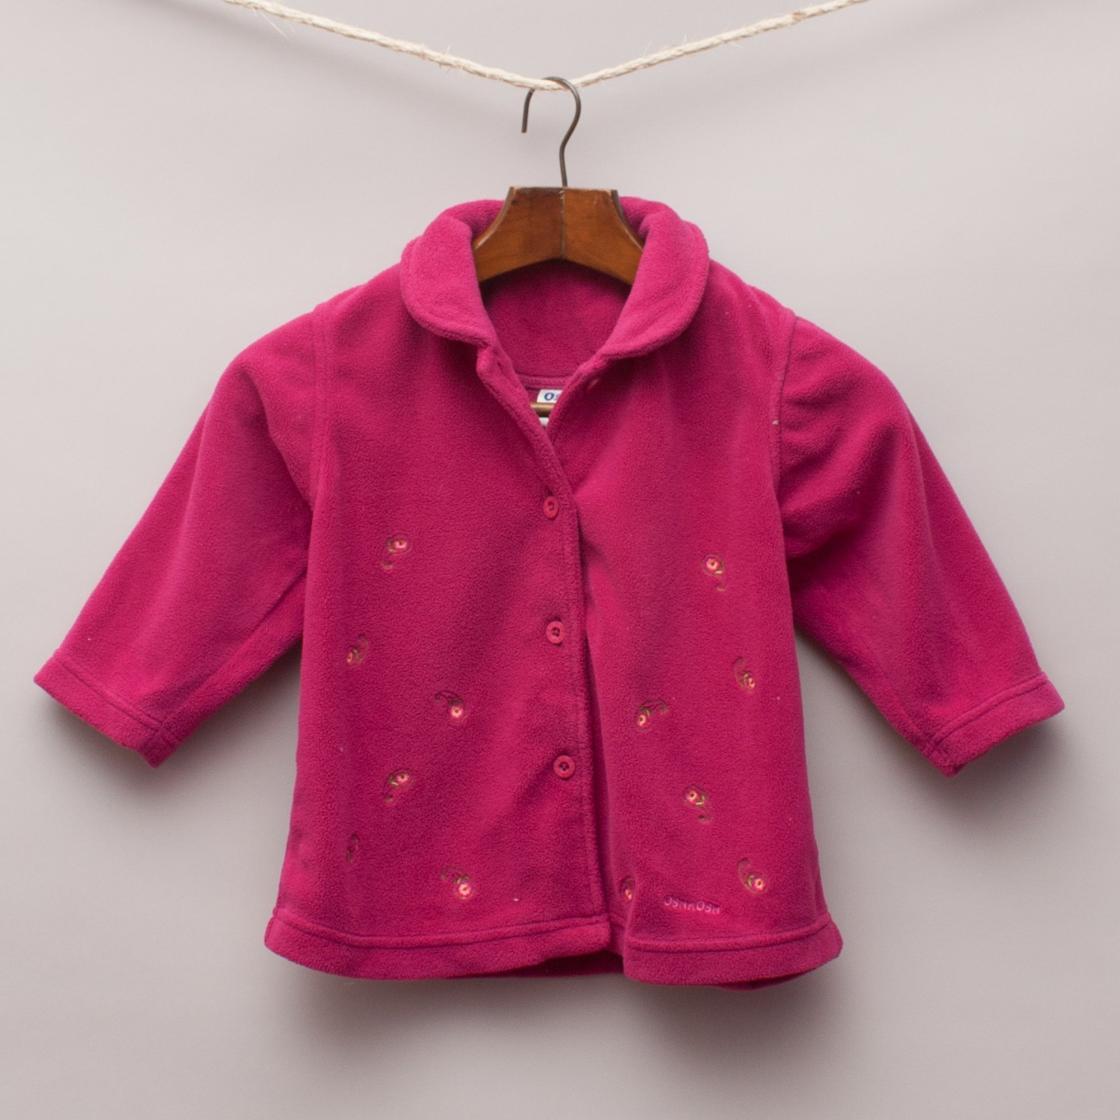 Osh Kosh Fleece Jacket